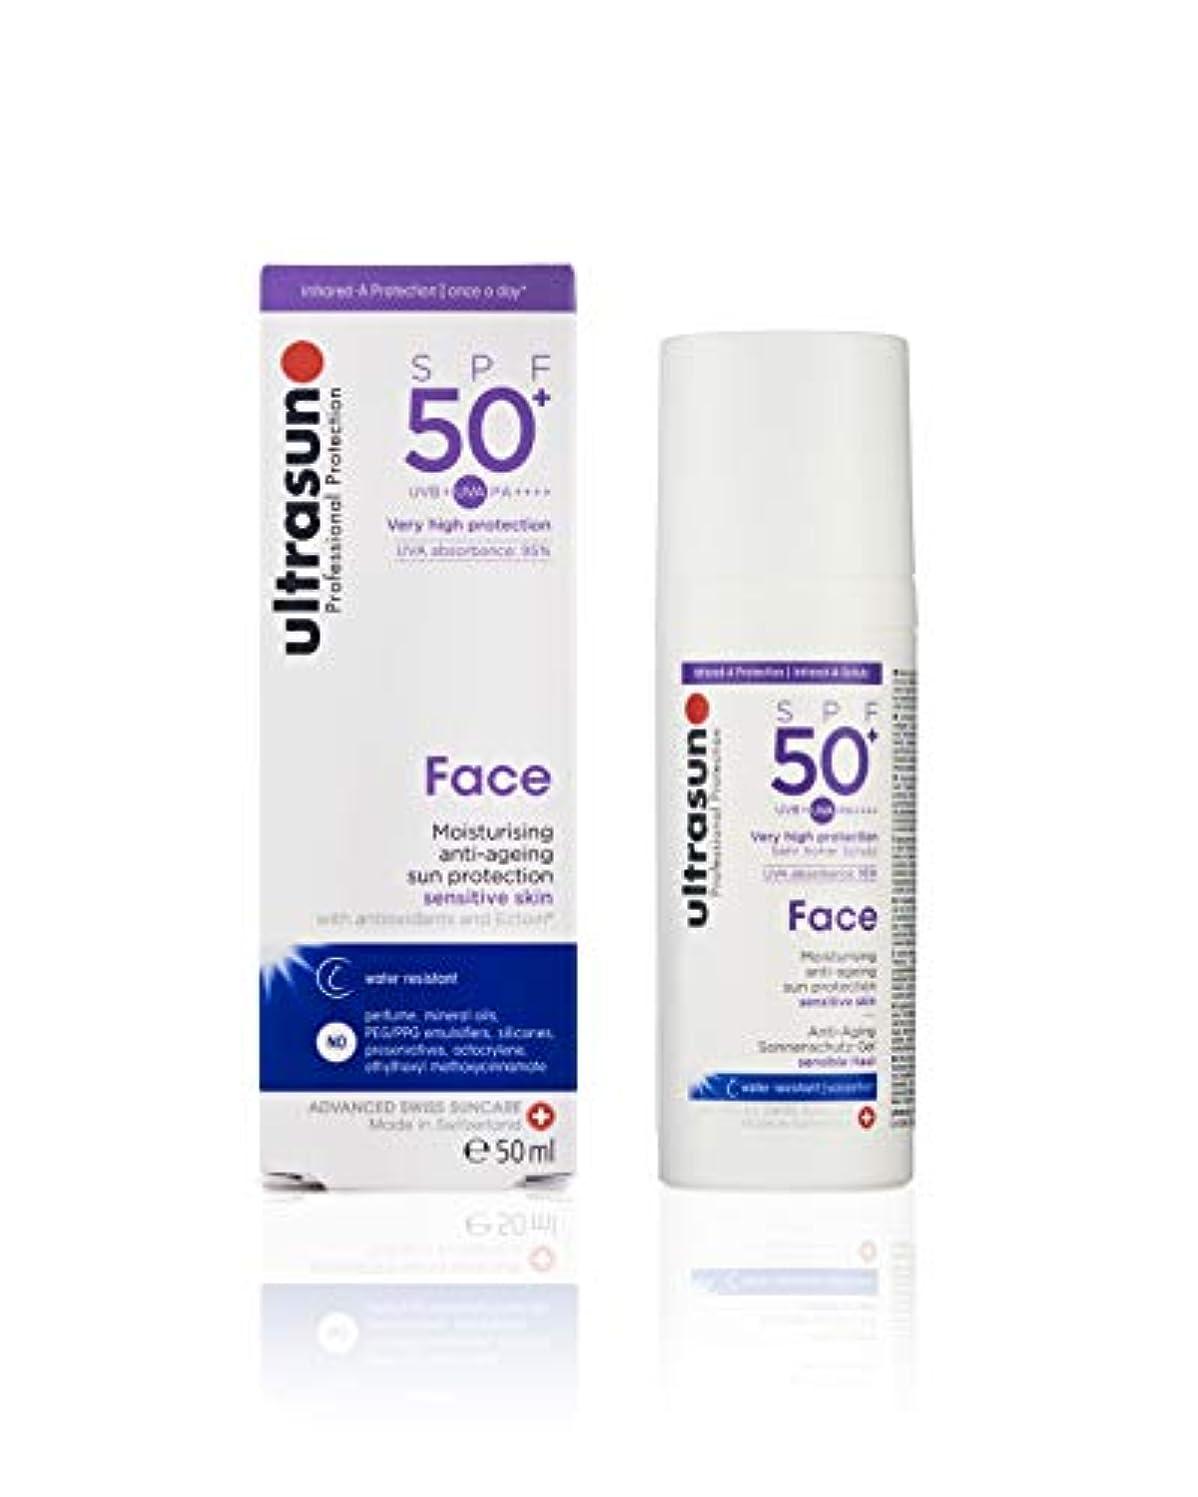 逃れるシリング汚物アルトラサン 日やけ止めクリーム フェイス UV 敏感肌用 SPF50+ PA++++ トリプルプロテクション 50mL